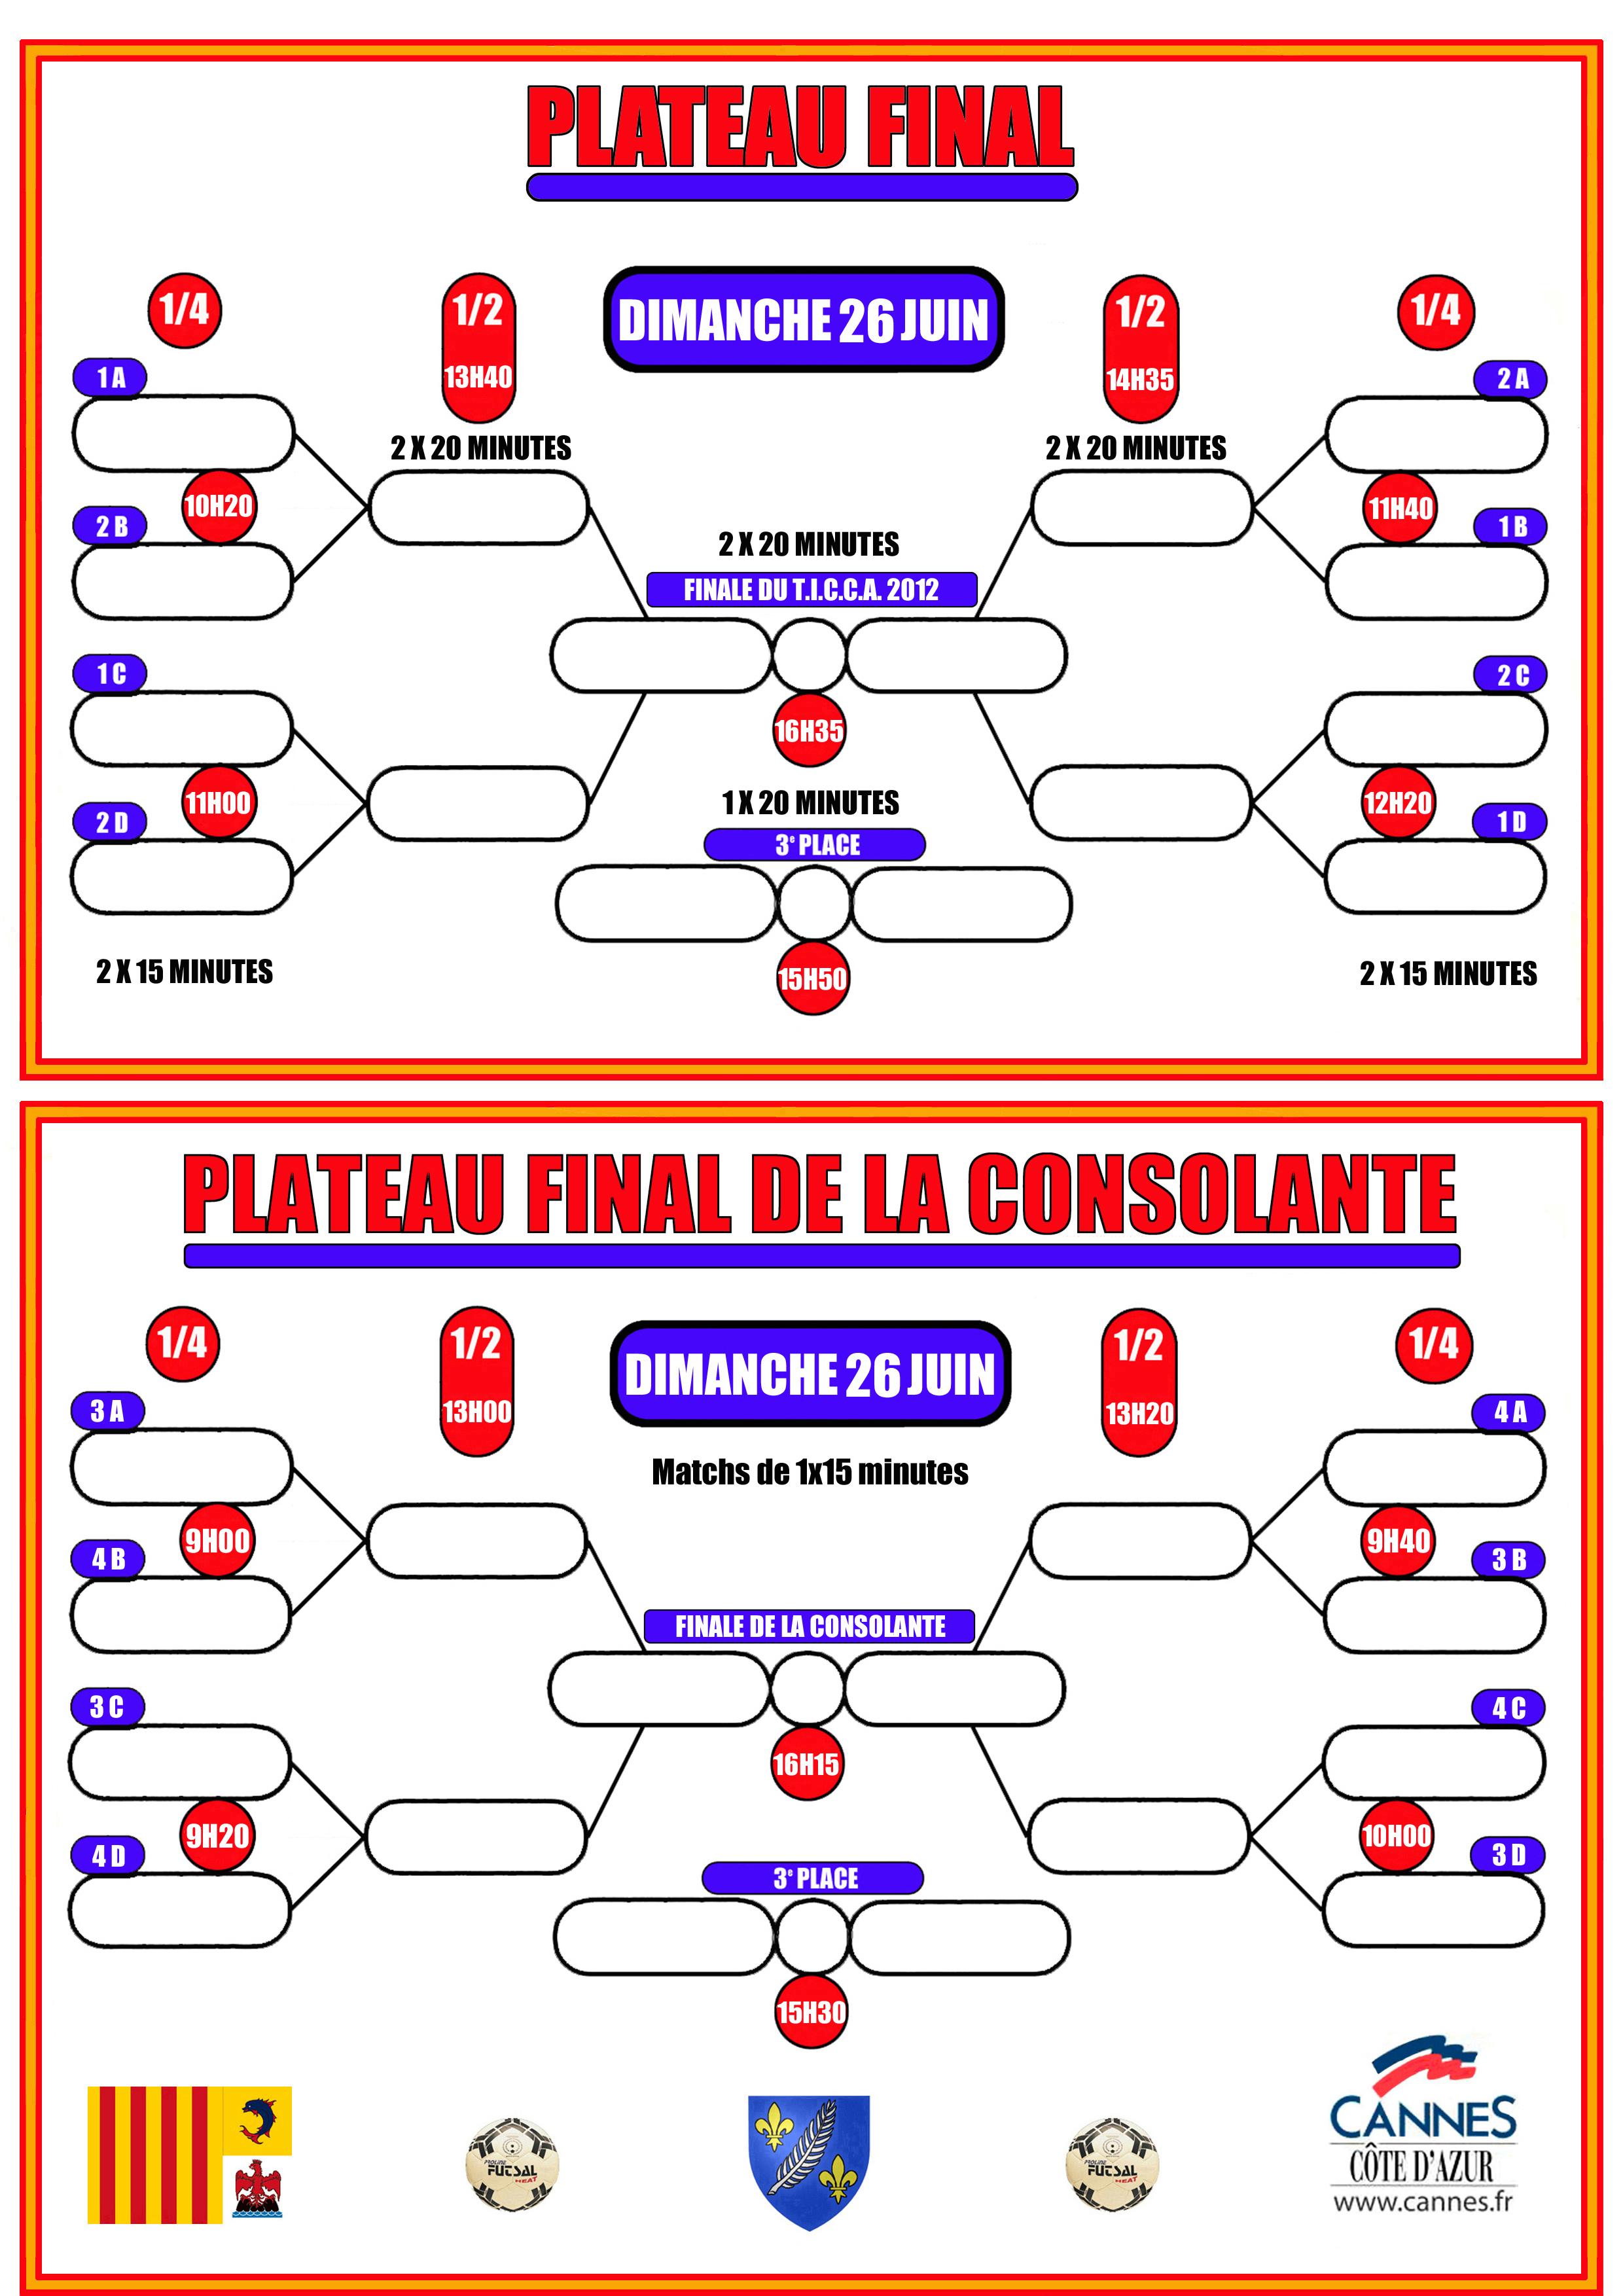 Plateau final 2012